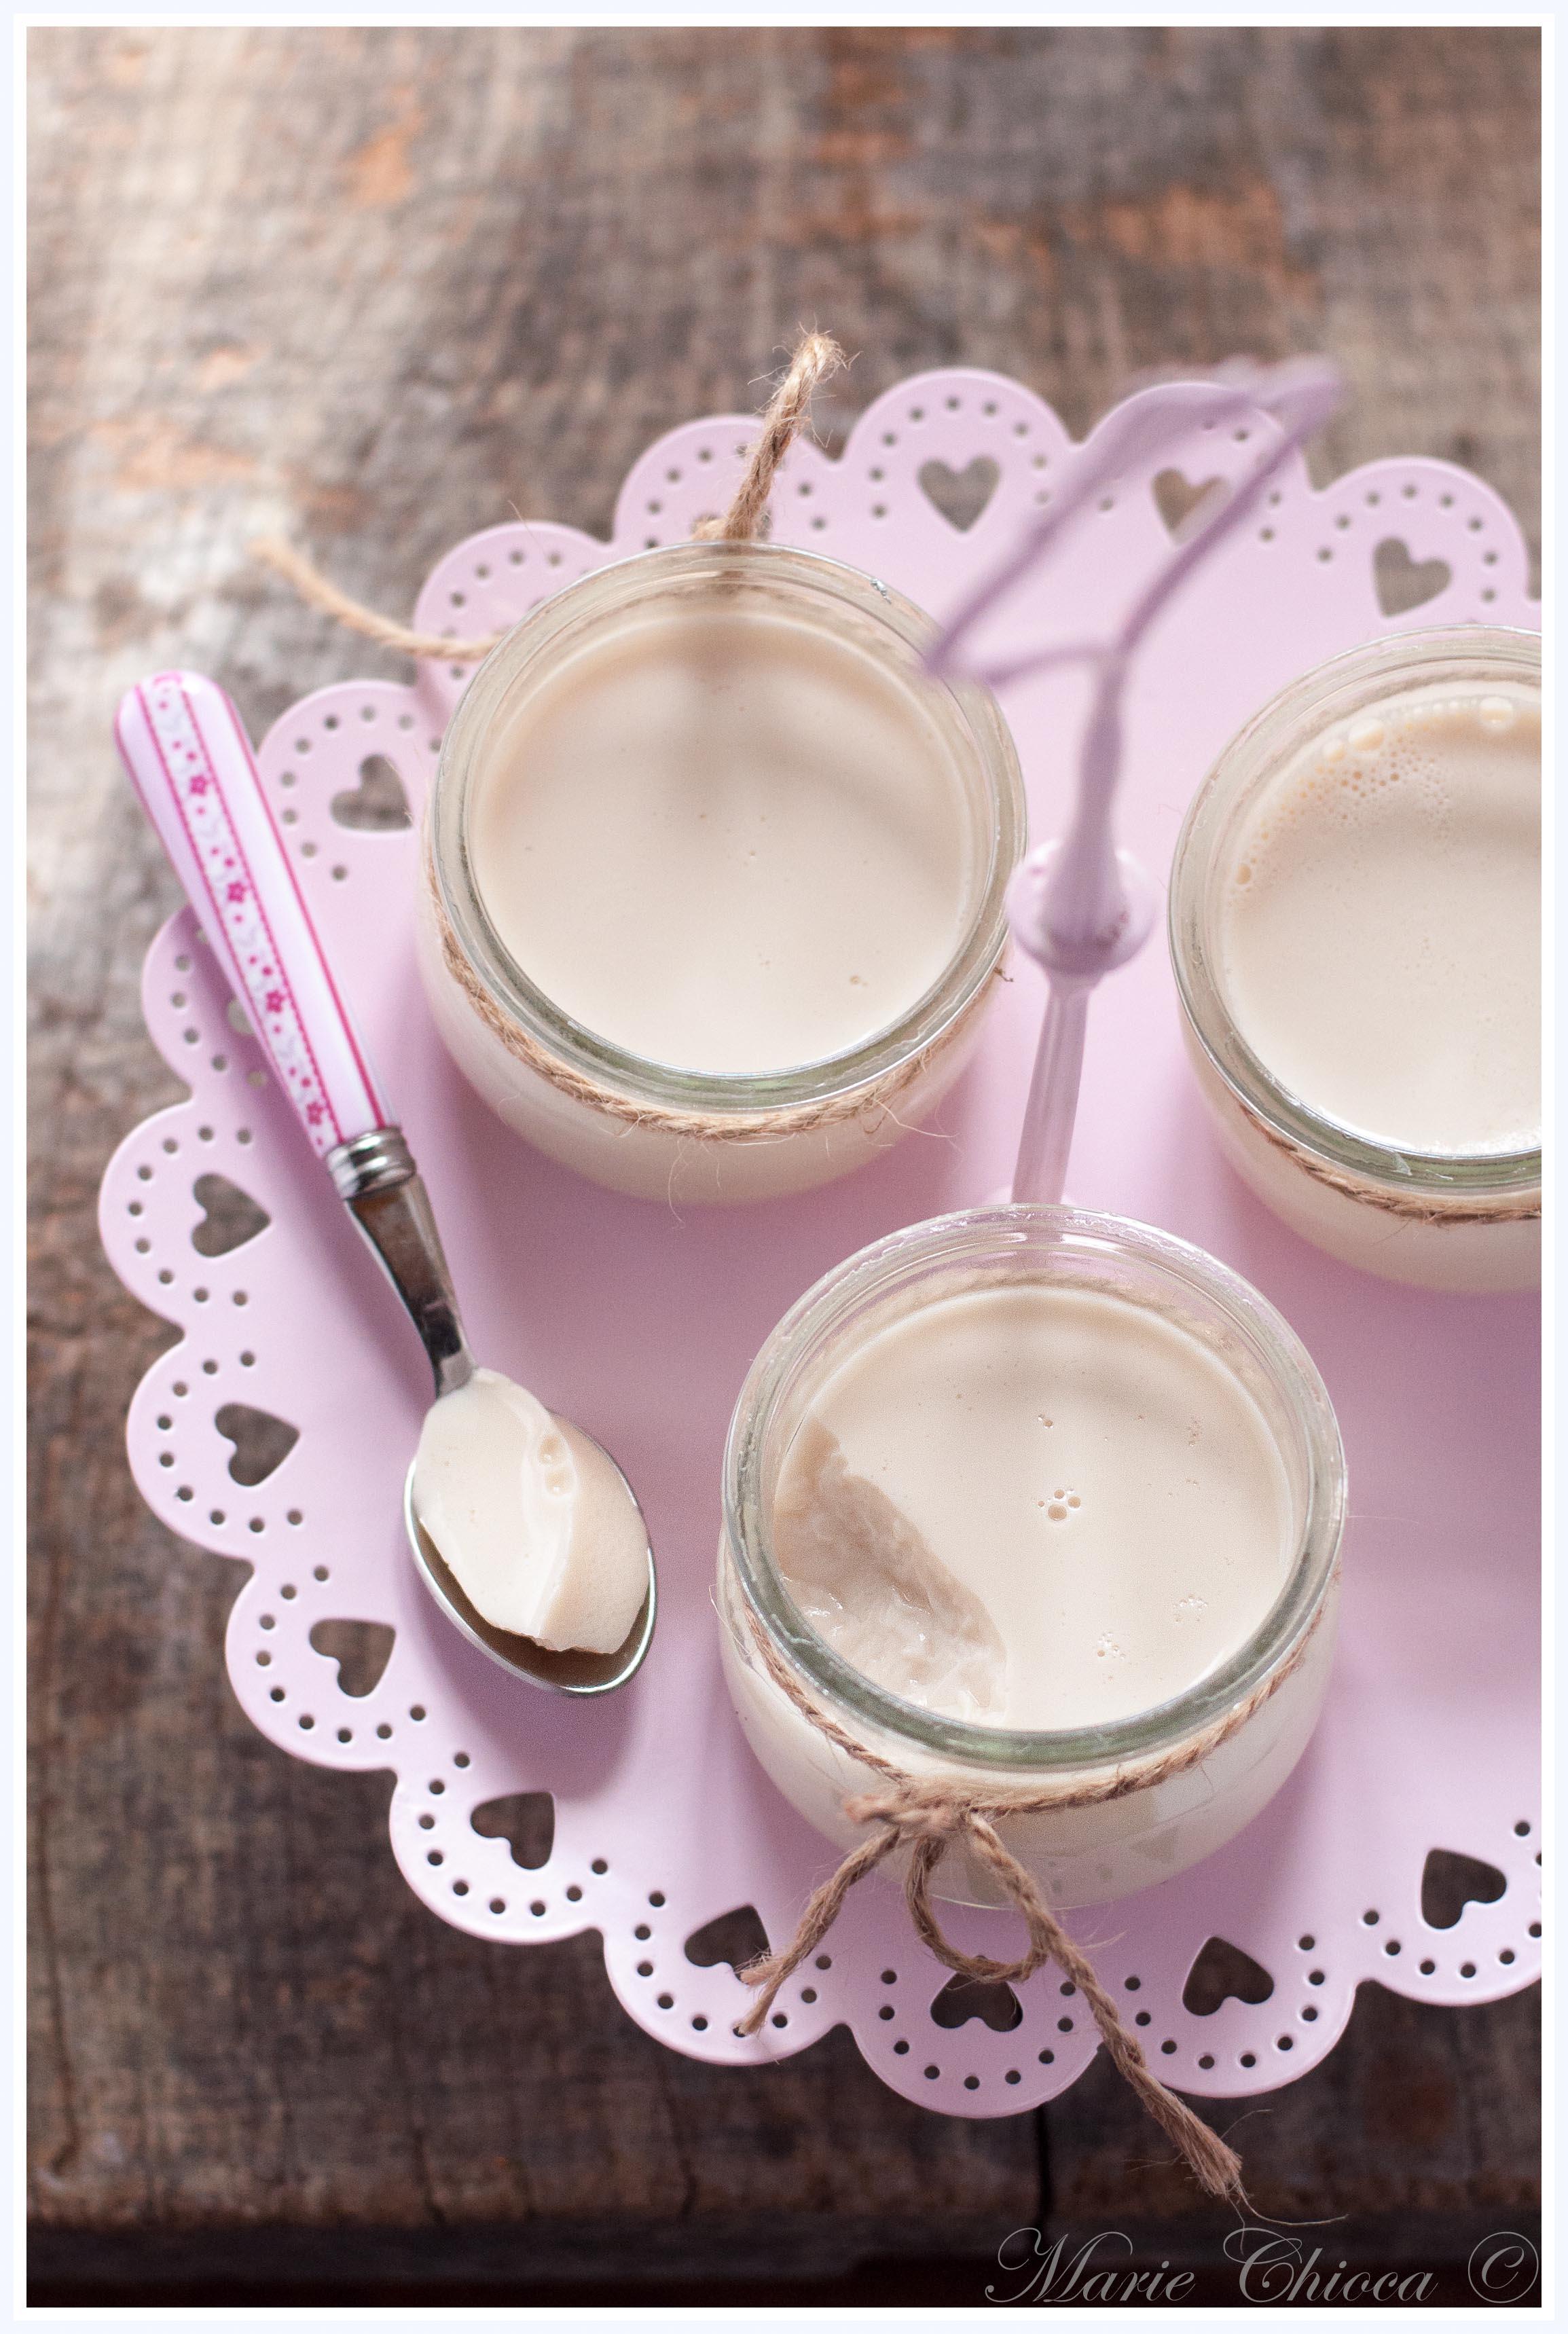 Petits flans végétaux aux parfums de Provence (cadrée verticale pour format demi page)-2